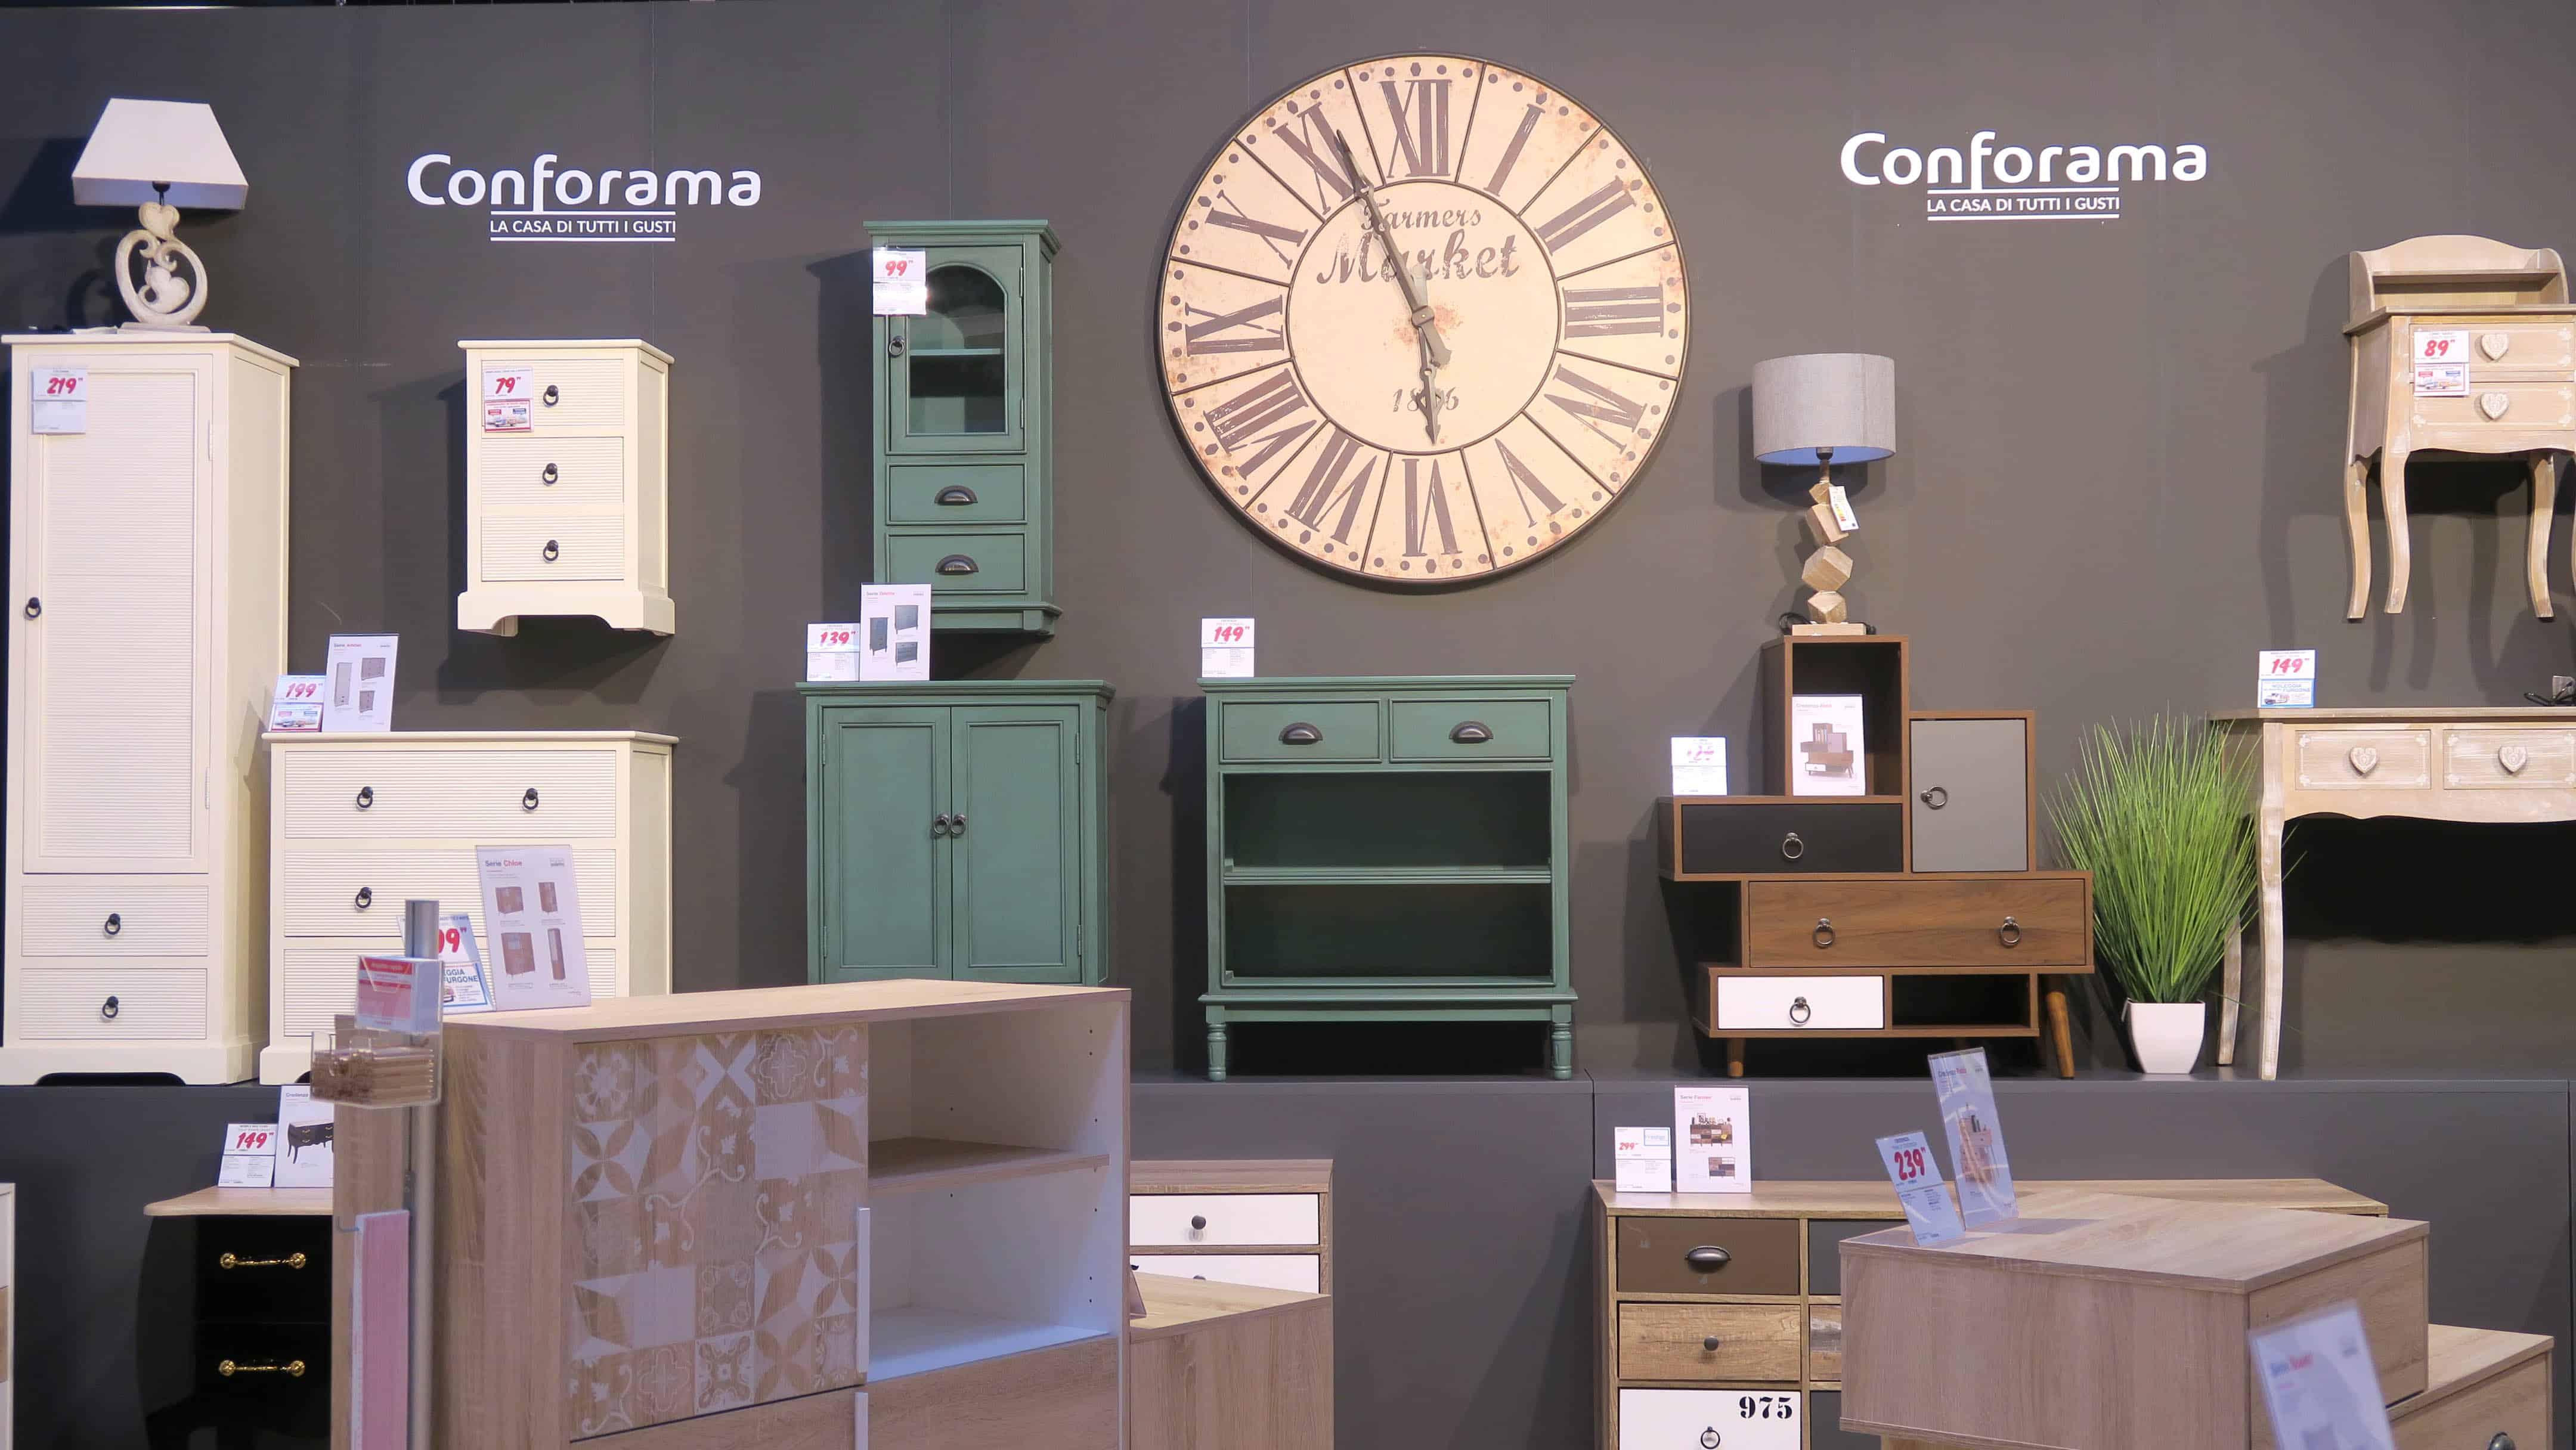 Nuovi shops di arredamento il punto vendita conforama a for Conforama camerette